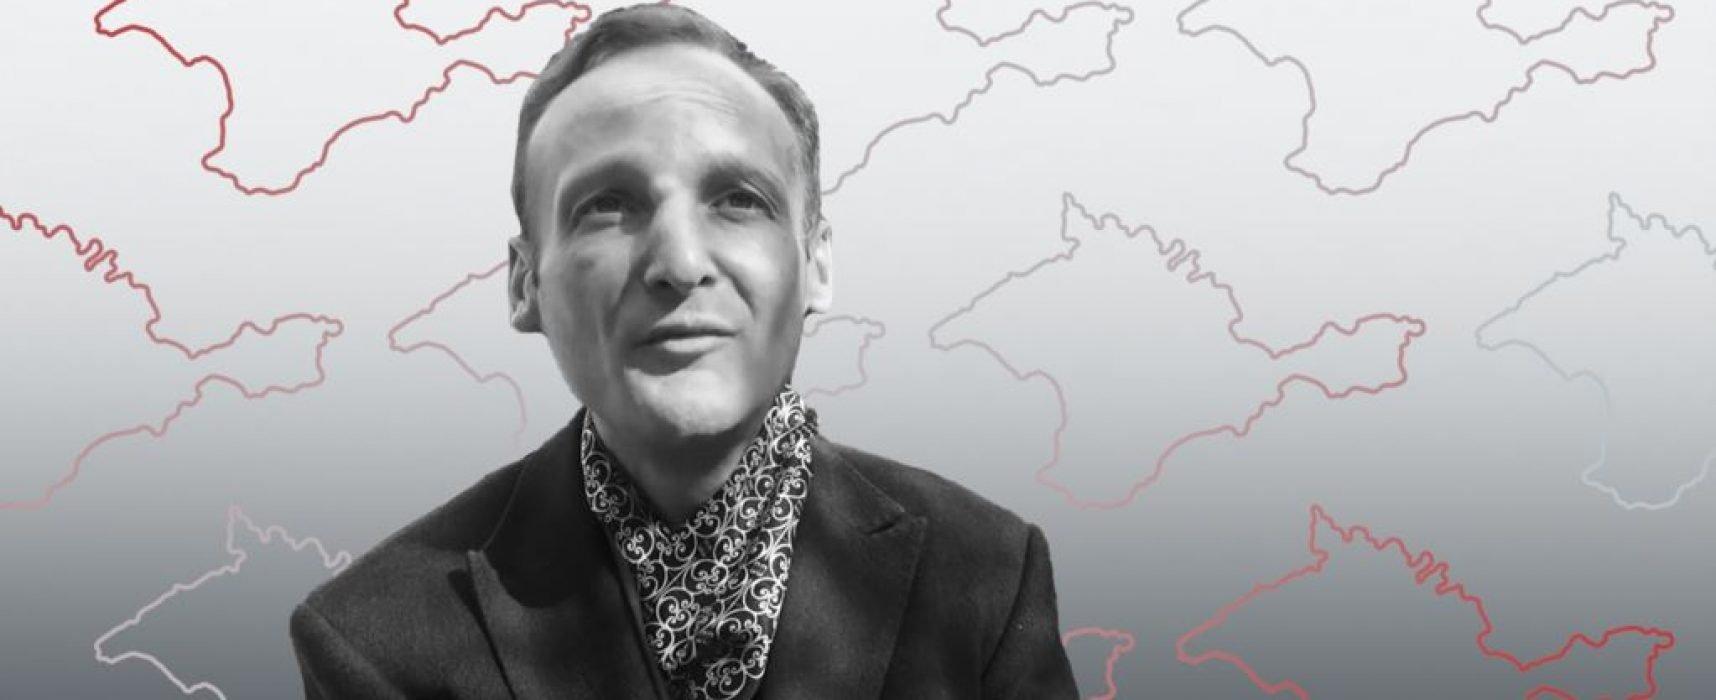 «Это может произойти с любым в Крыму»: почему выдворяют блогера Гайворонского